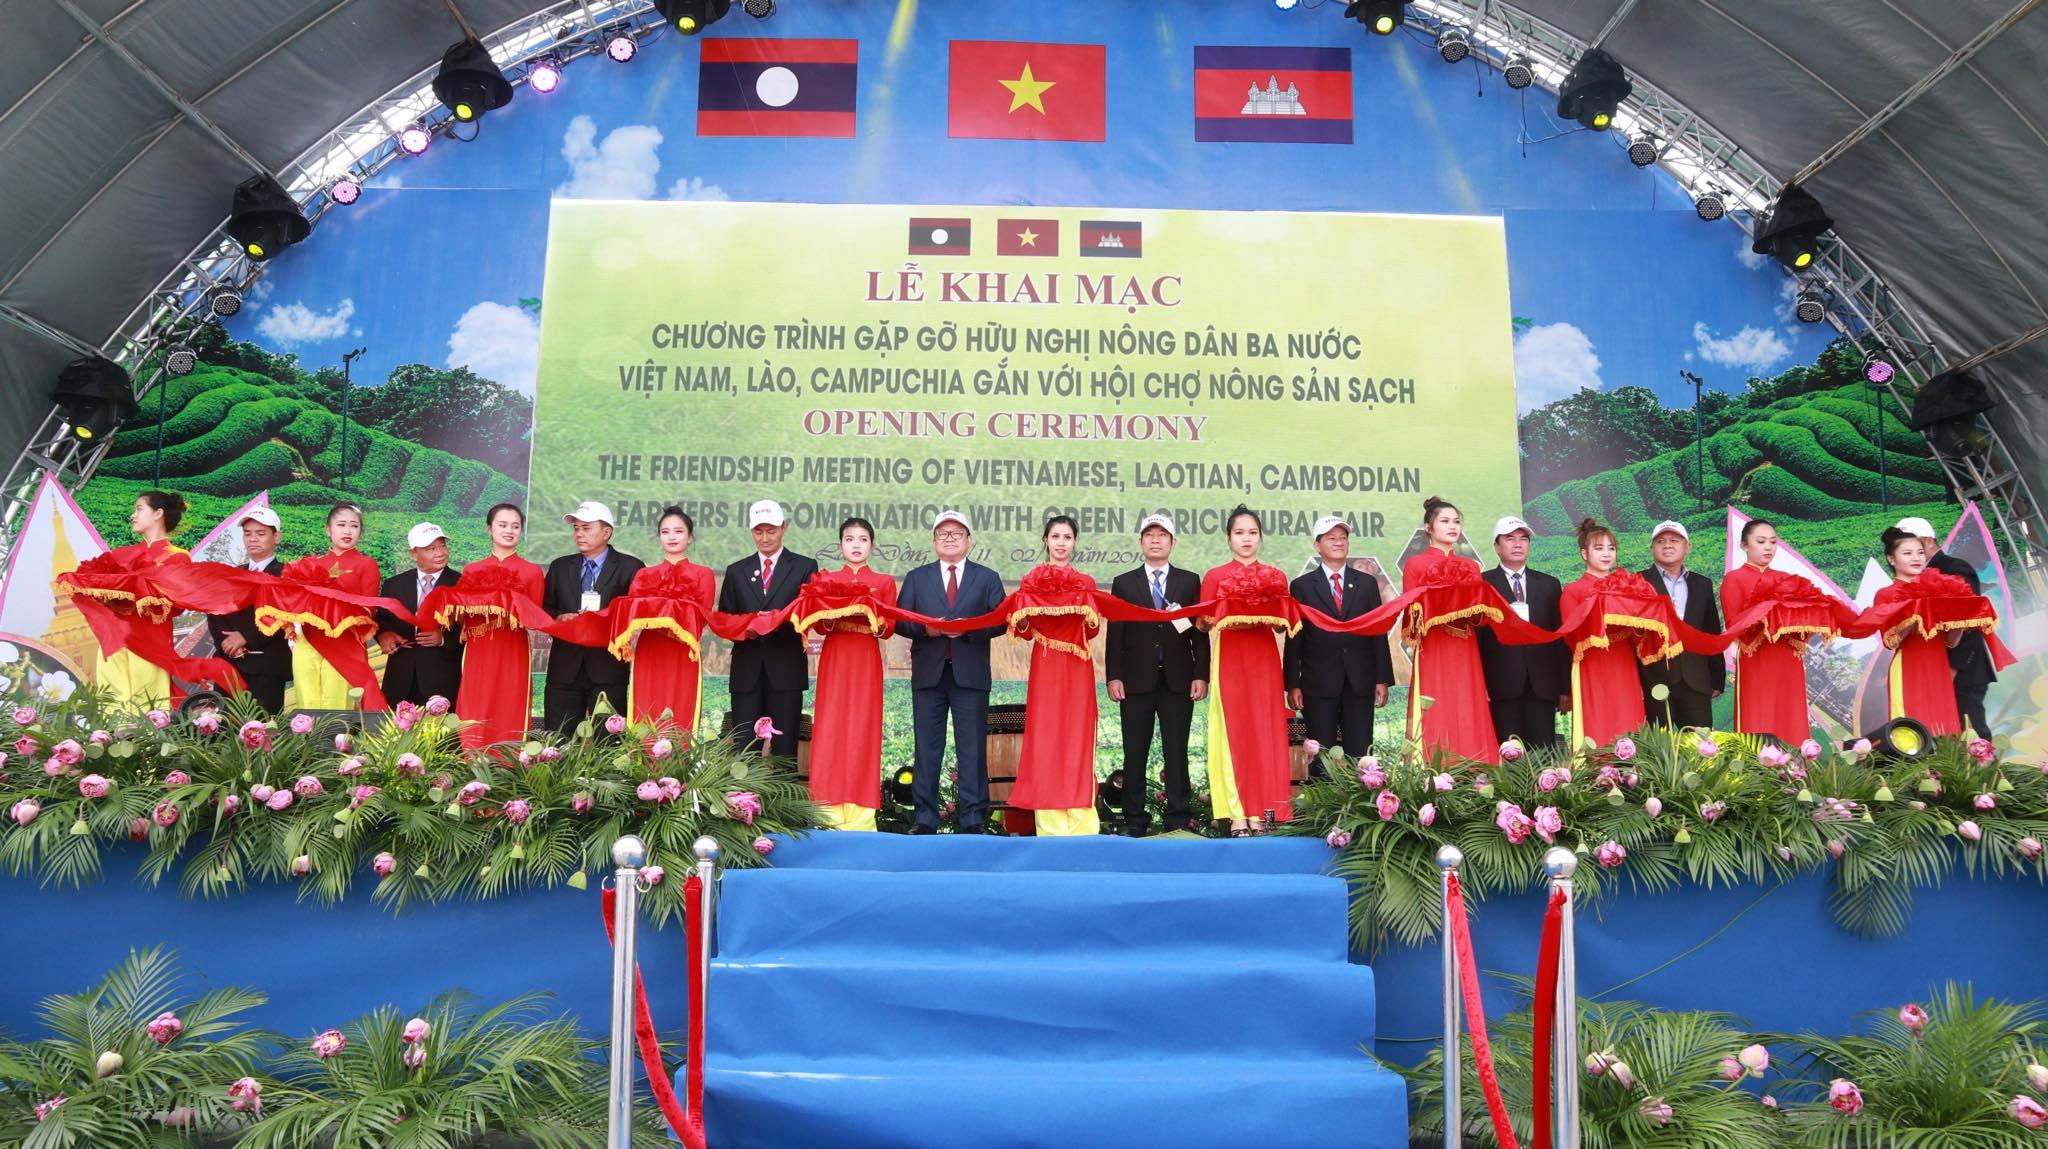 Chương trình gặp gỡ hữu nghị nông dân 3 nước Việt Nam– Lào– Campuchia gắn với Hội chợ nông sản sạch